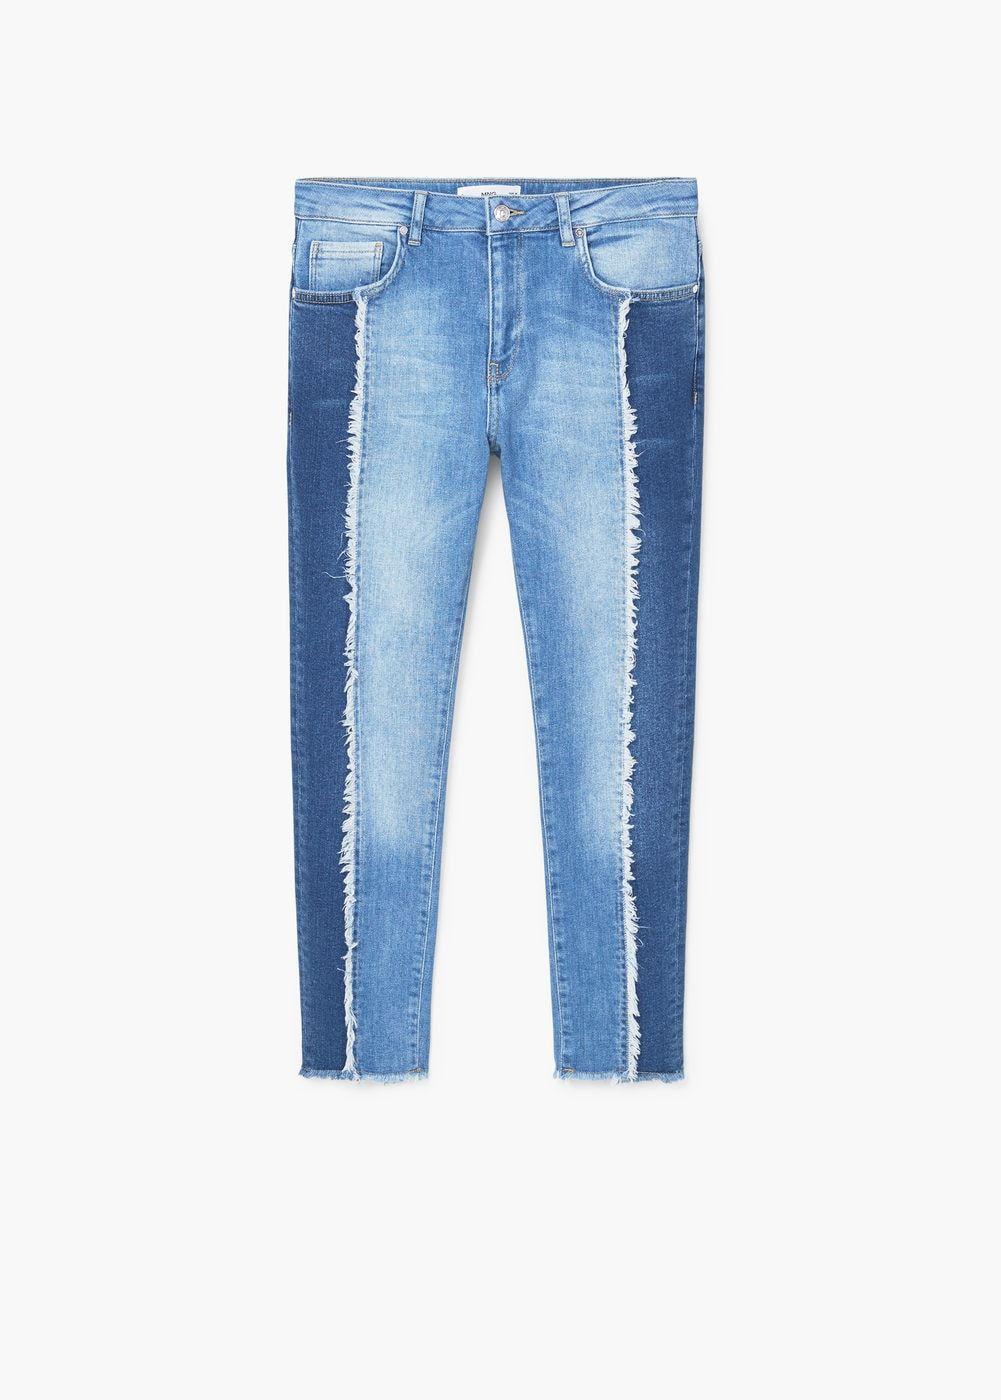 650866f6231 Jeans relaxed crop contrast - Mujer en 2019 | Proyectos que intentar ...